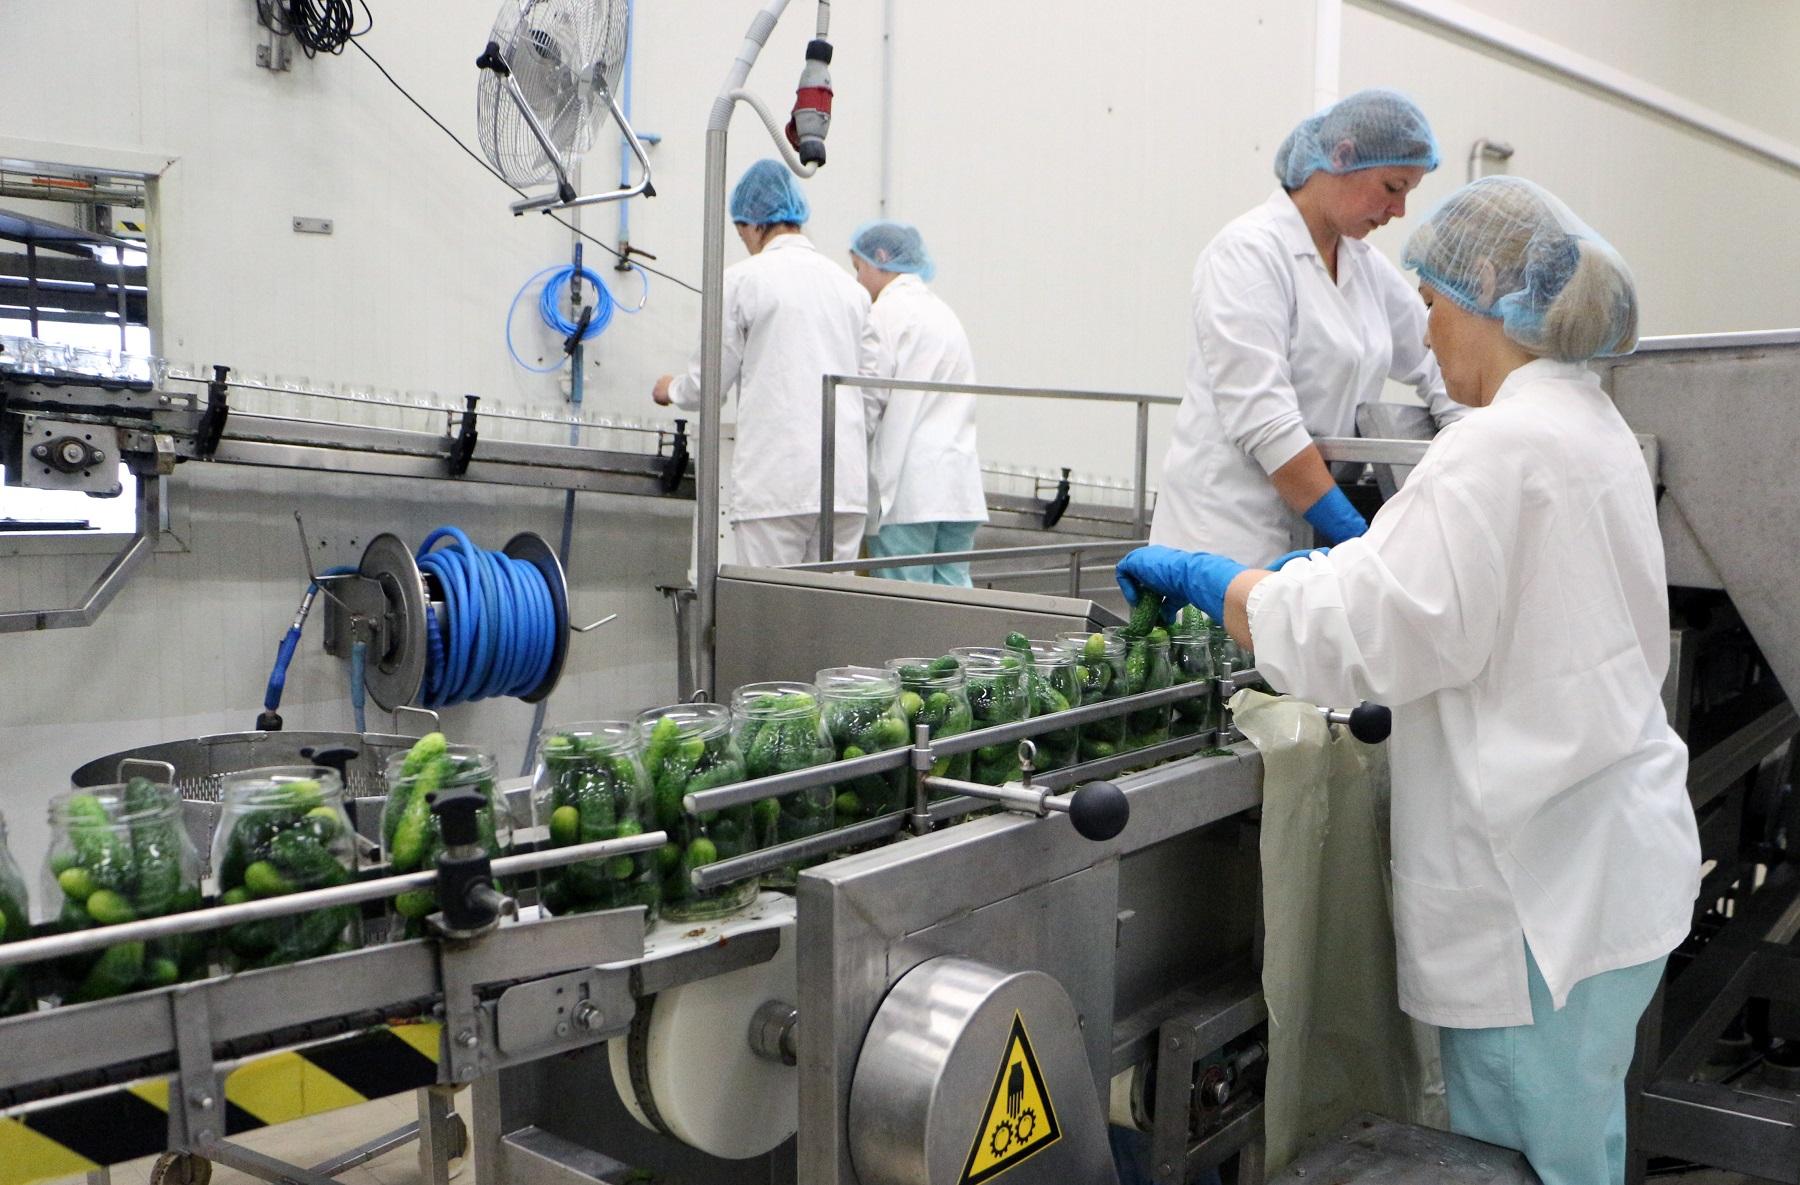 Kėdainių konservų fabrikas savo produkciją sėkmingai parduoda ne tik Lietuvoje. Aukšta kokybe bei natūralumu išsiskiriantiems bendrovės gaminiams atviros ir kaimyninės, ir netgi tolimo užsienio rinkos.